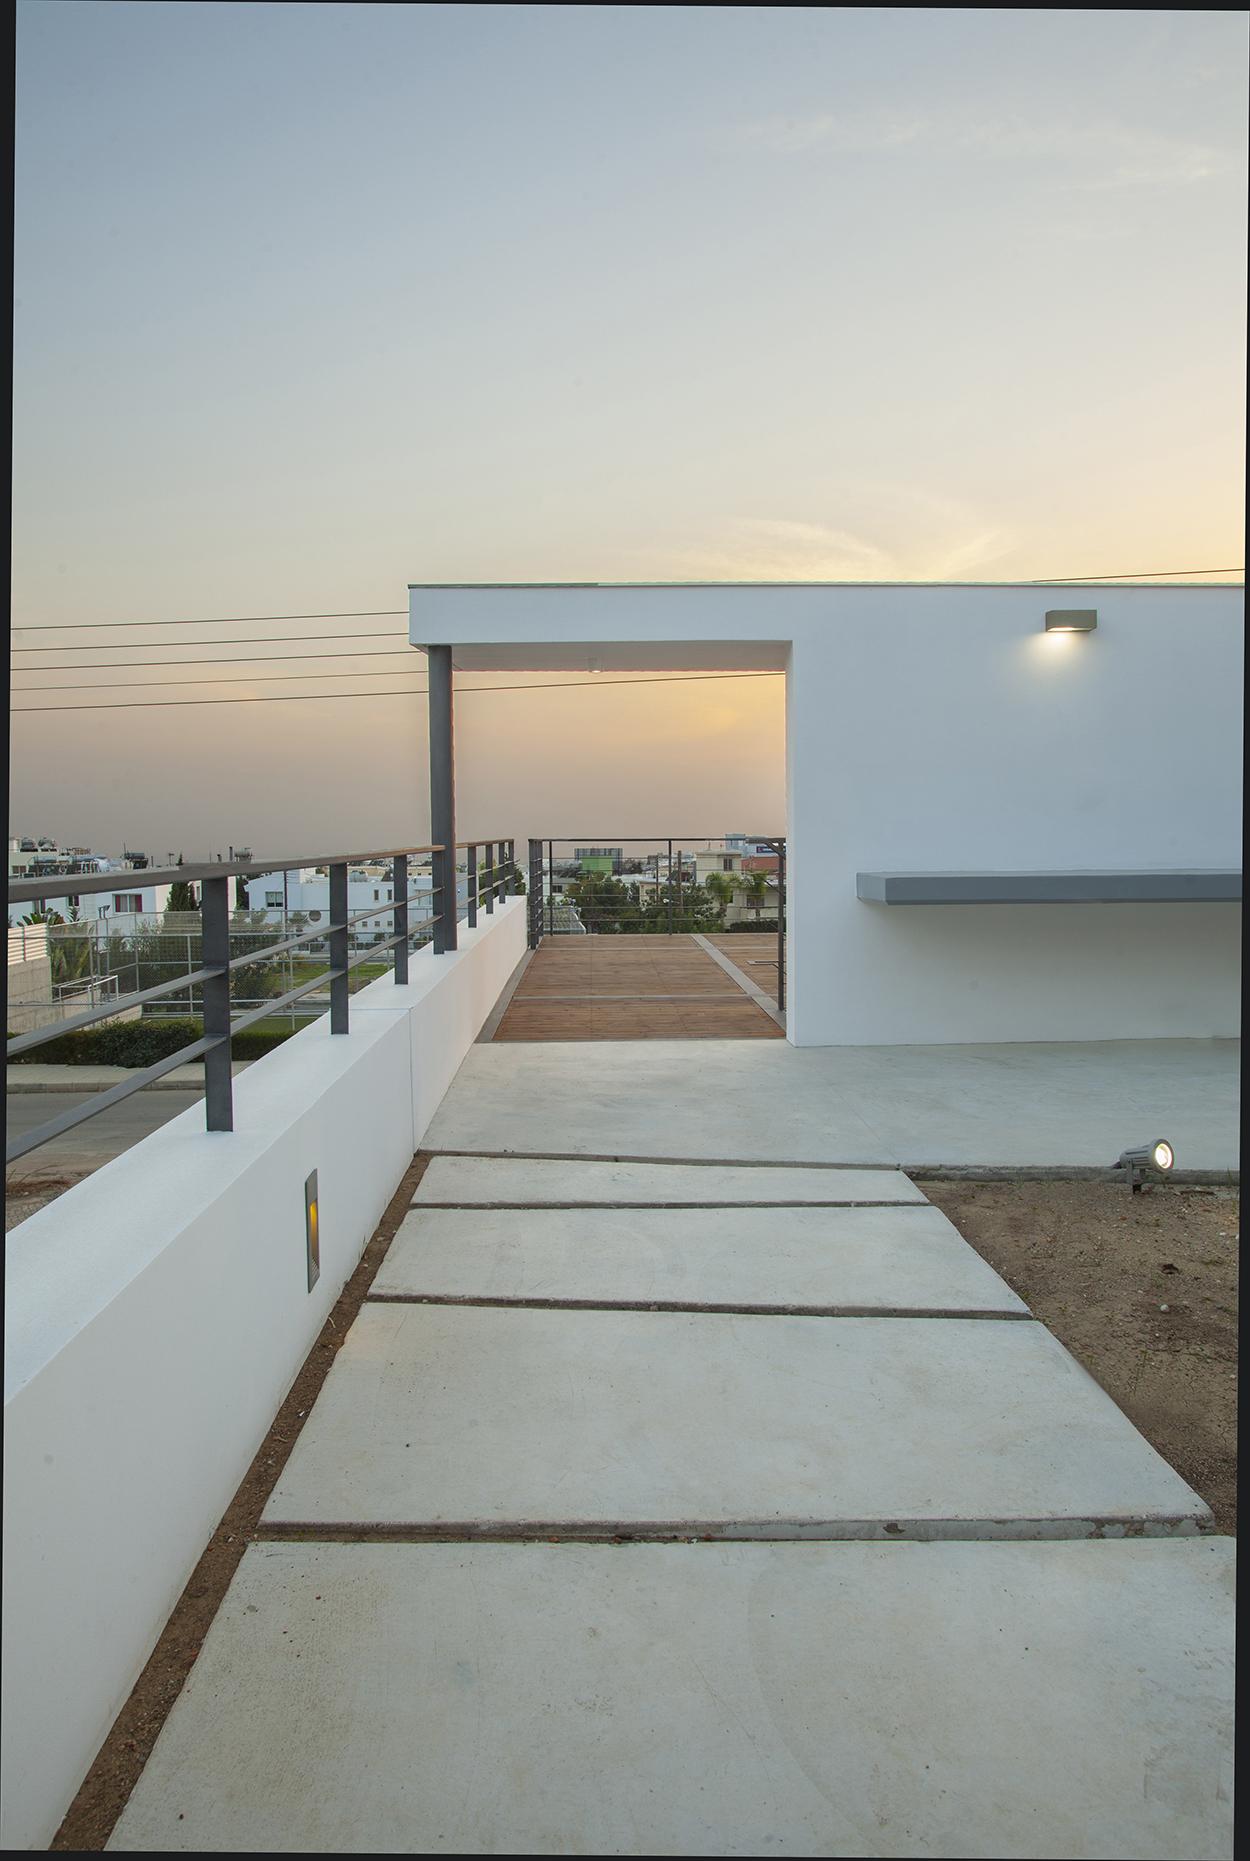 Άποψη από την ενδιάμεση στάθμη και την αυλή προς τα νοτιο-δυτικά, ©Agisilaou & Spyrou Photography